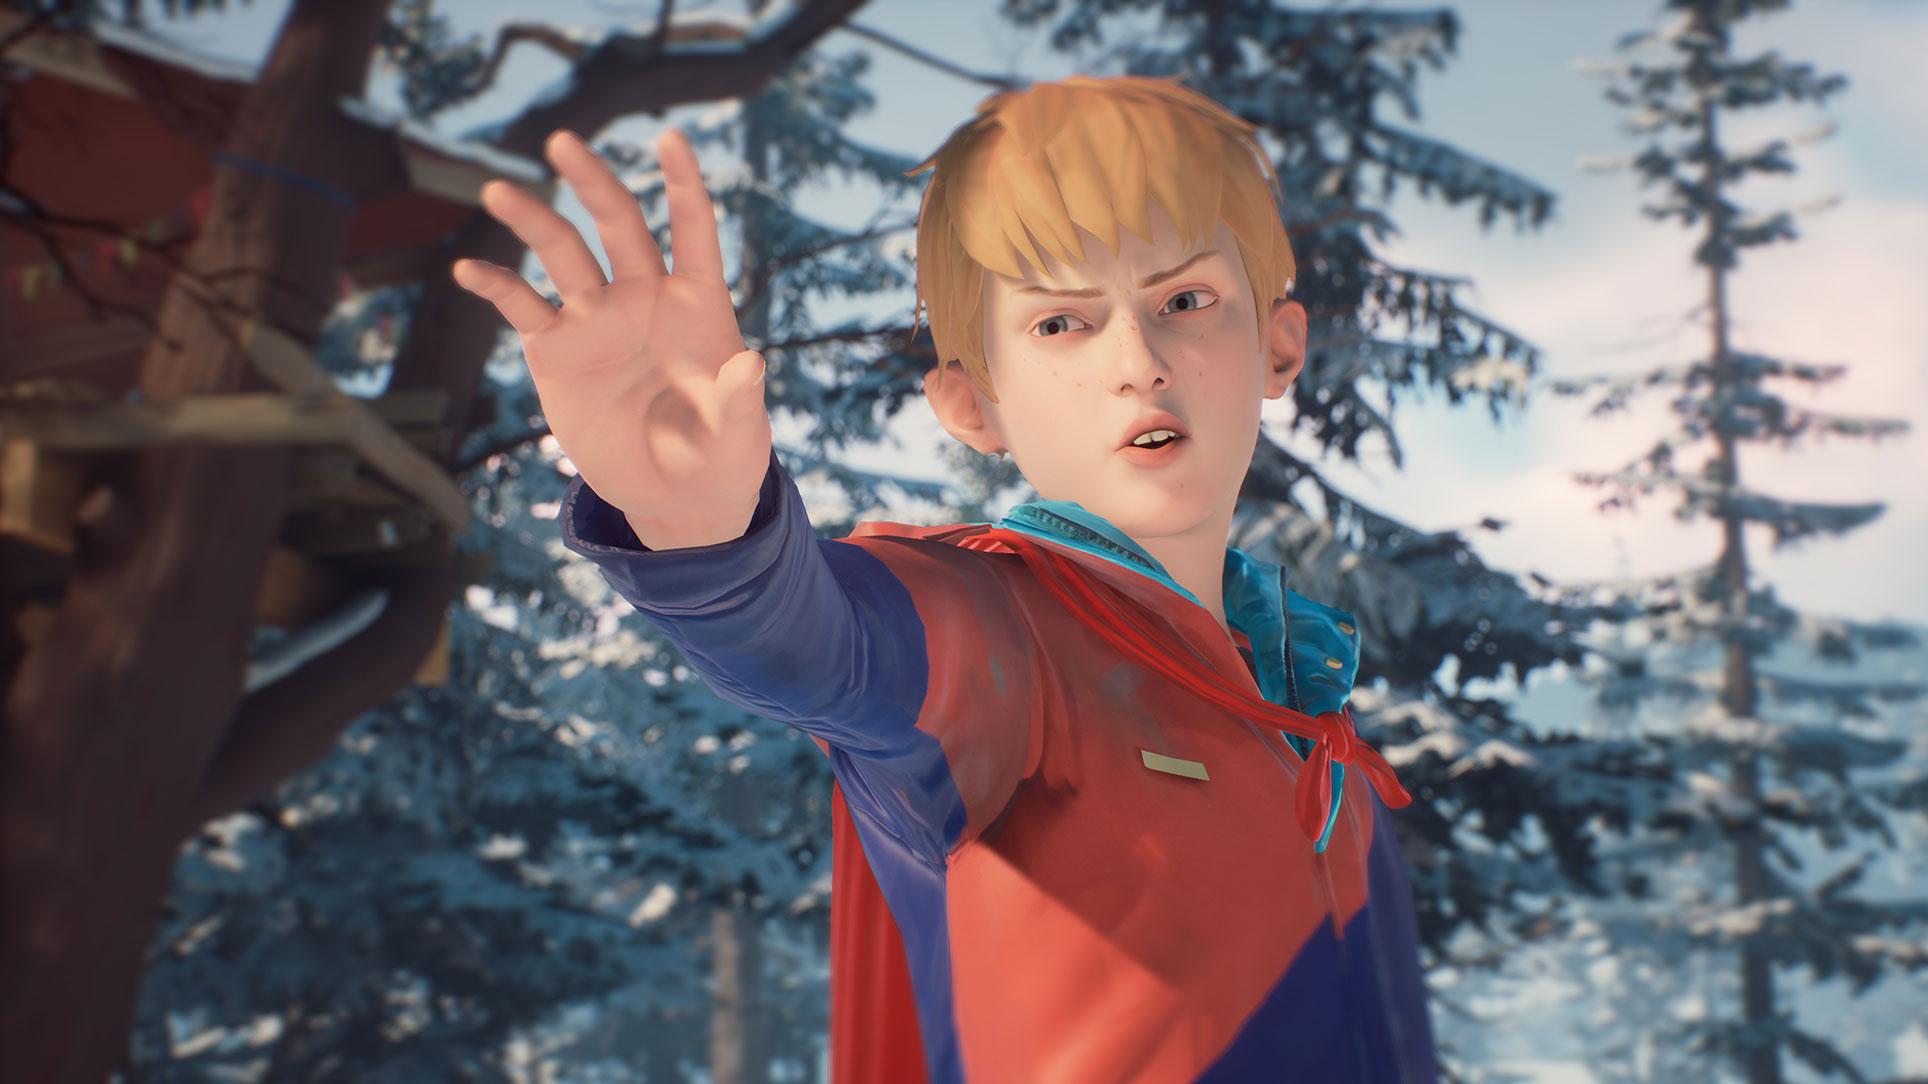 """Soll eine narrative Brücke zwischen der ersten und der zweite """"Life is Strange""""-Staffel schlagen und steht schon jetzt für PC, PS4 sowie Xbox One zum Download bereit: die kostenlose Bonus-Episode """"Die fantastischen Abenteuer von Captain Spirit""""."""